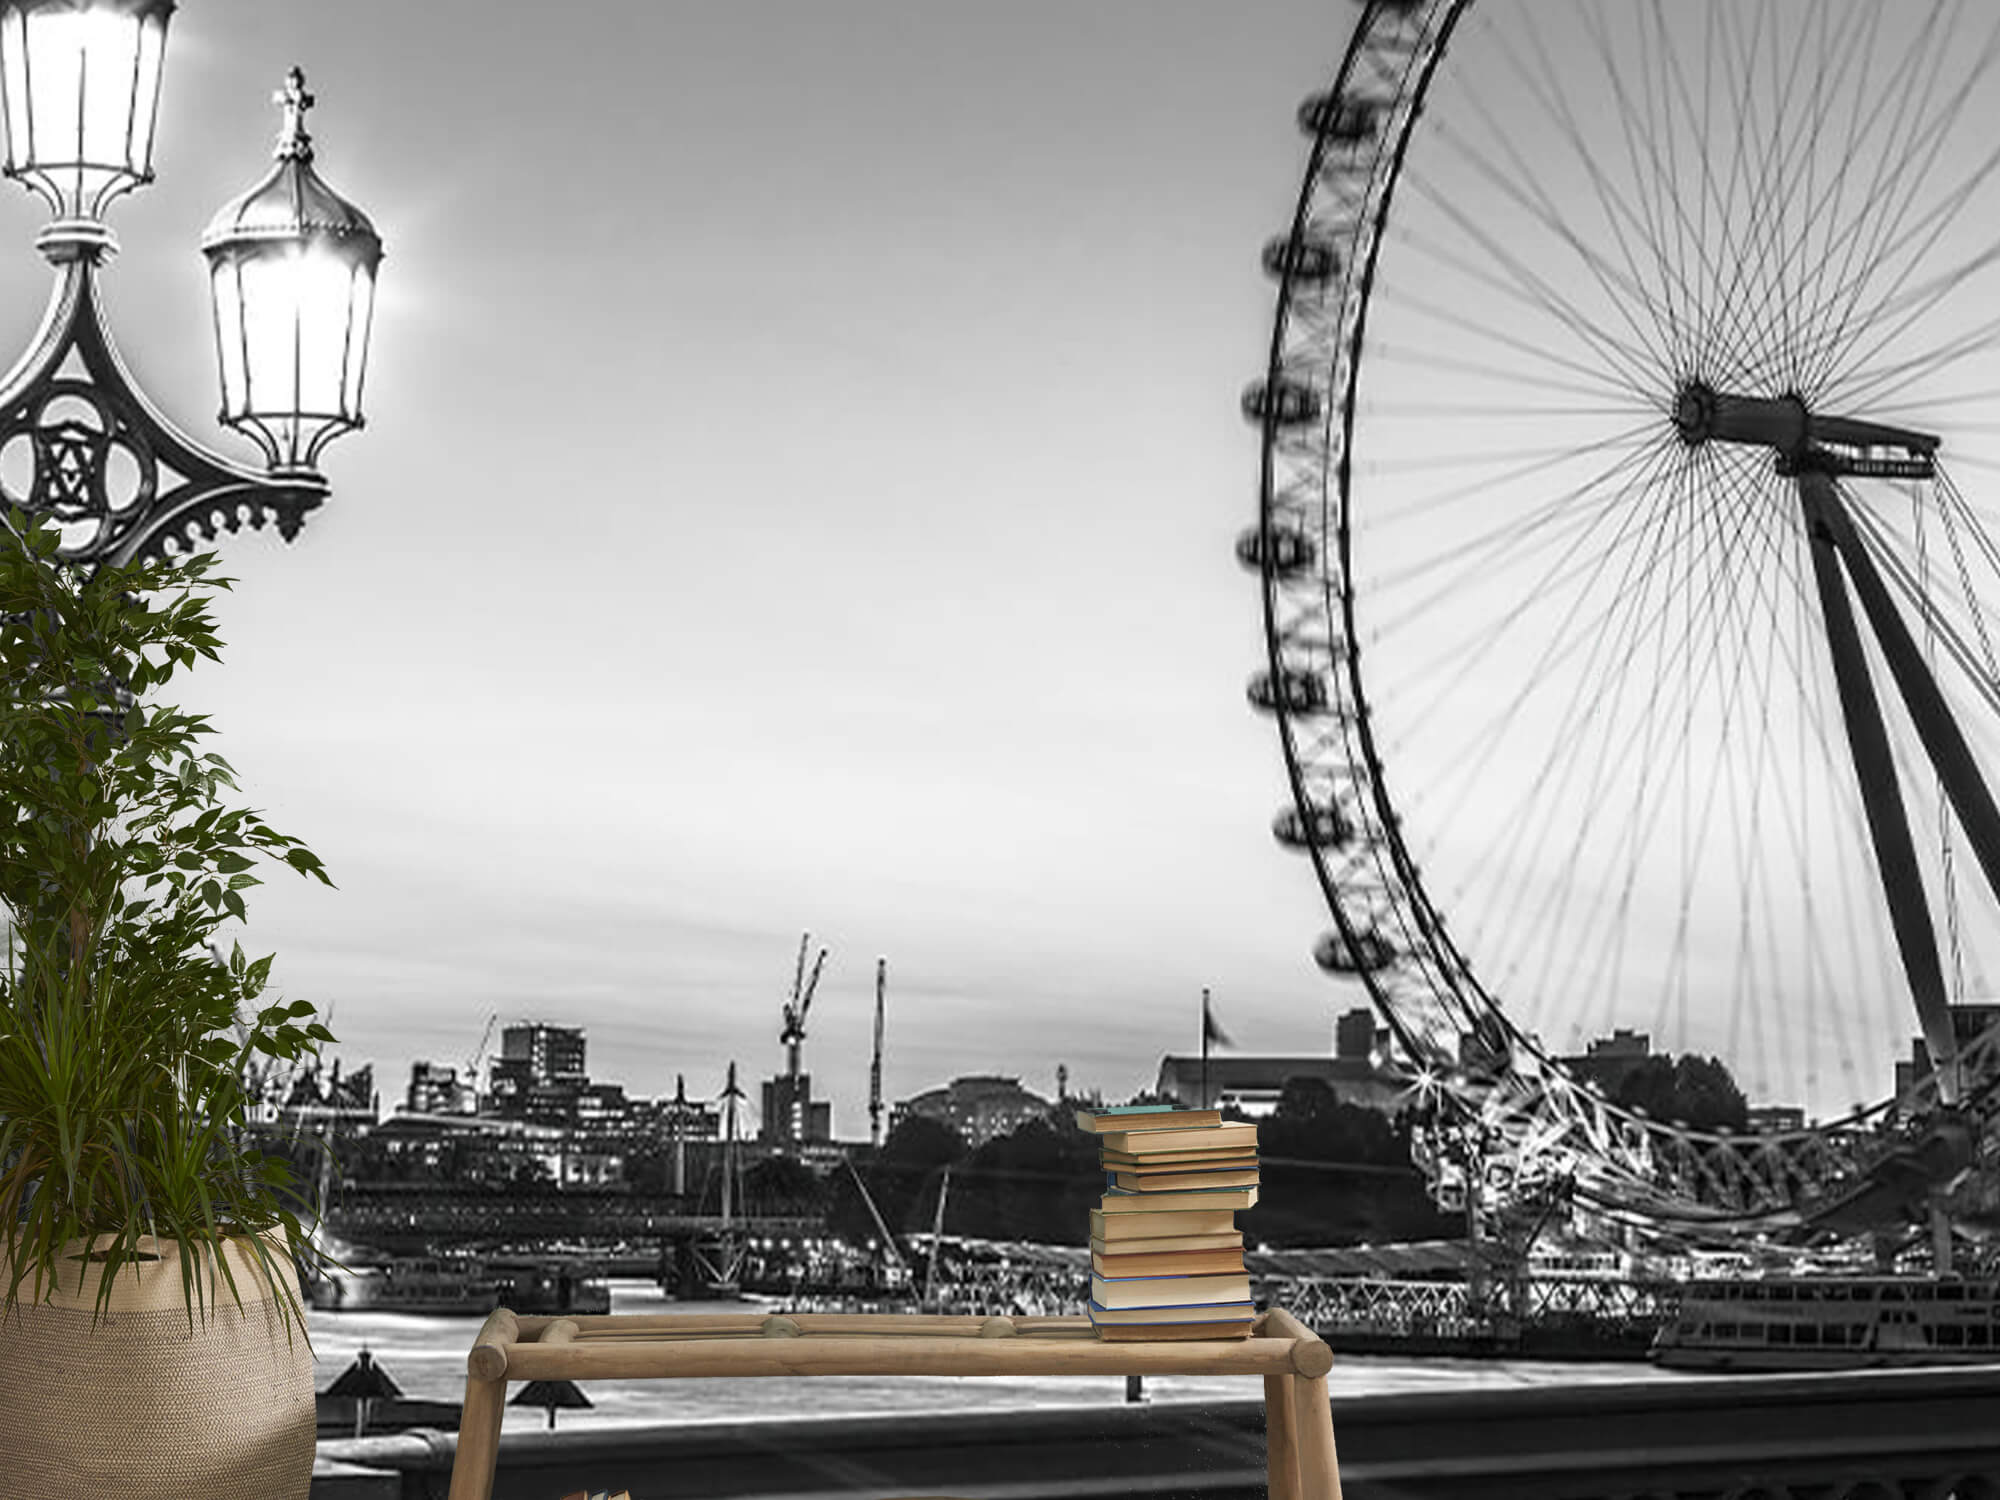 Pariserhjulet svart och vitt 16